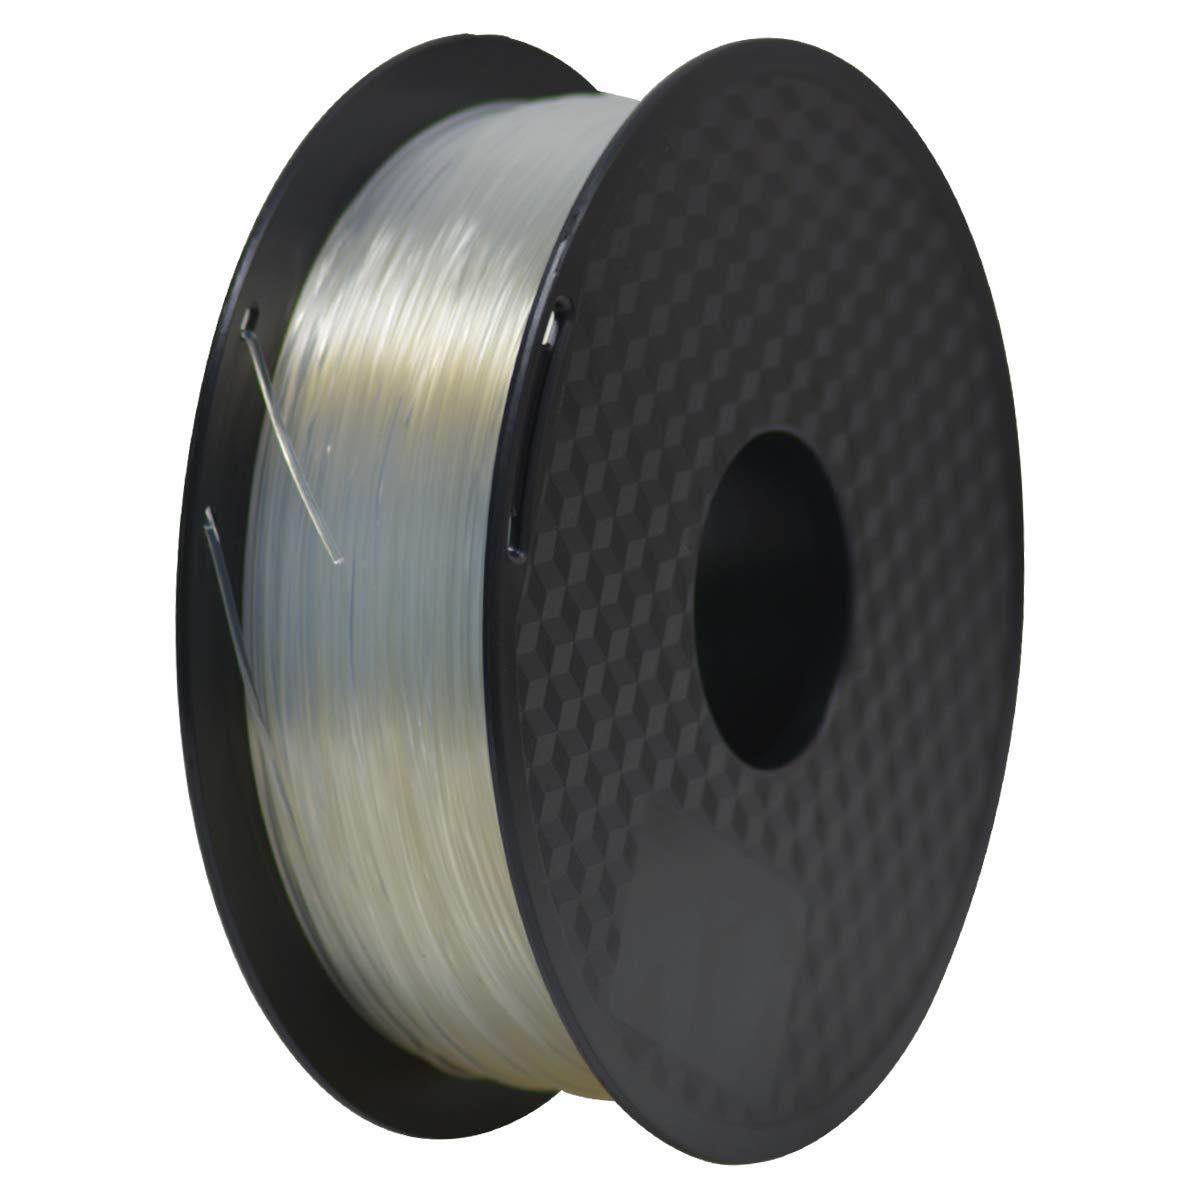 PLA Filament 1.75mm, Geeetech 3D Printer PLA Filament,1.75mm,1kg per Spool,Transparent